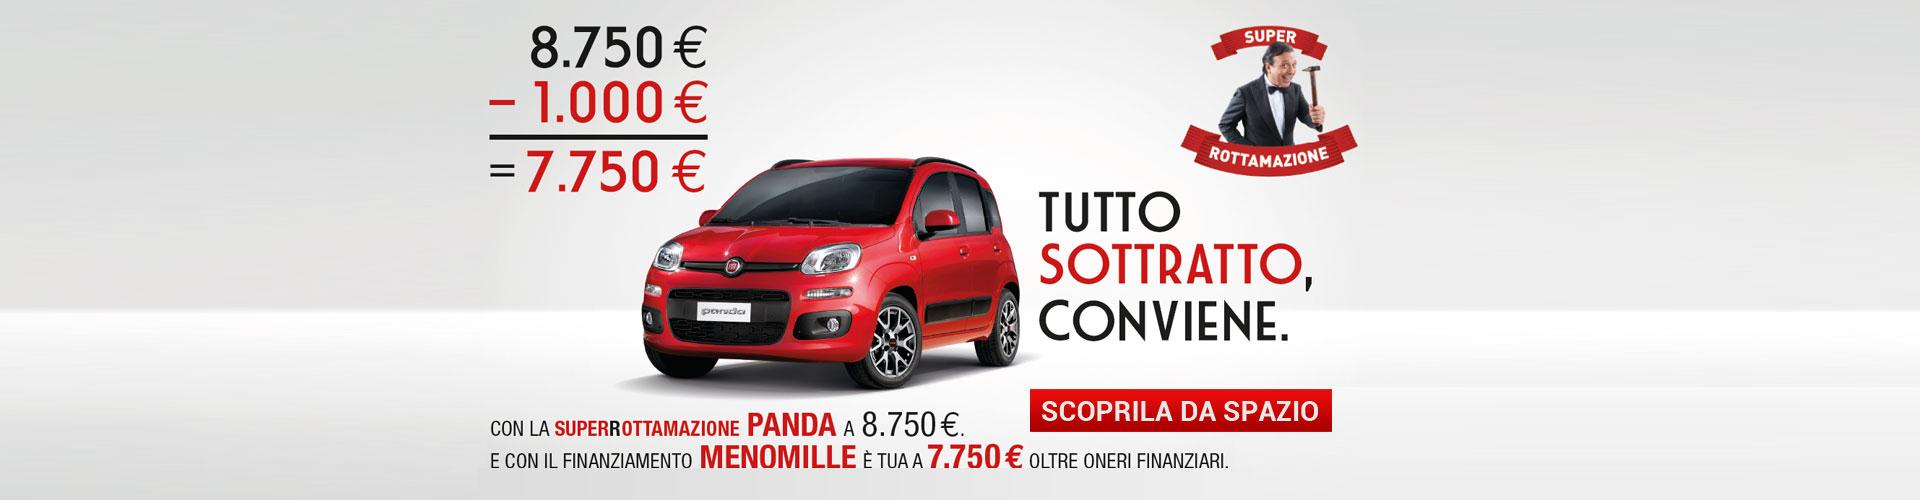 Fiat Panda finanziamento Menomille